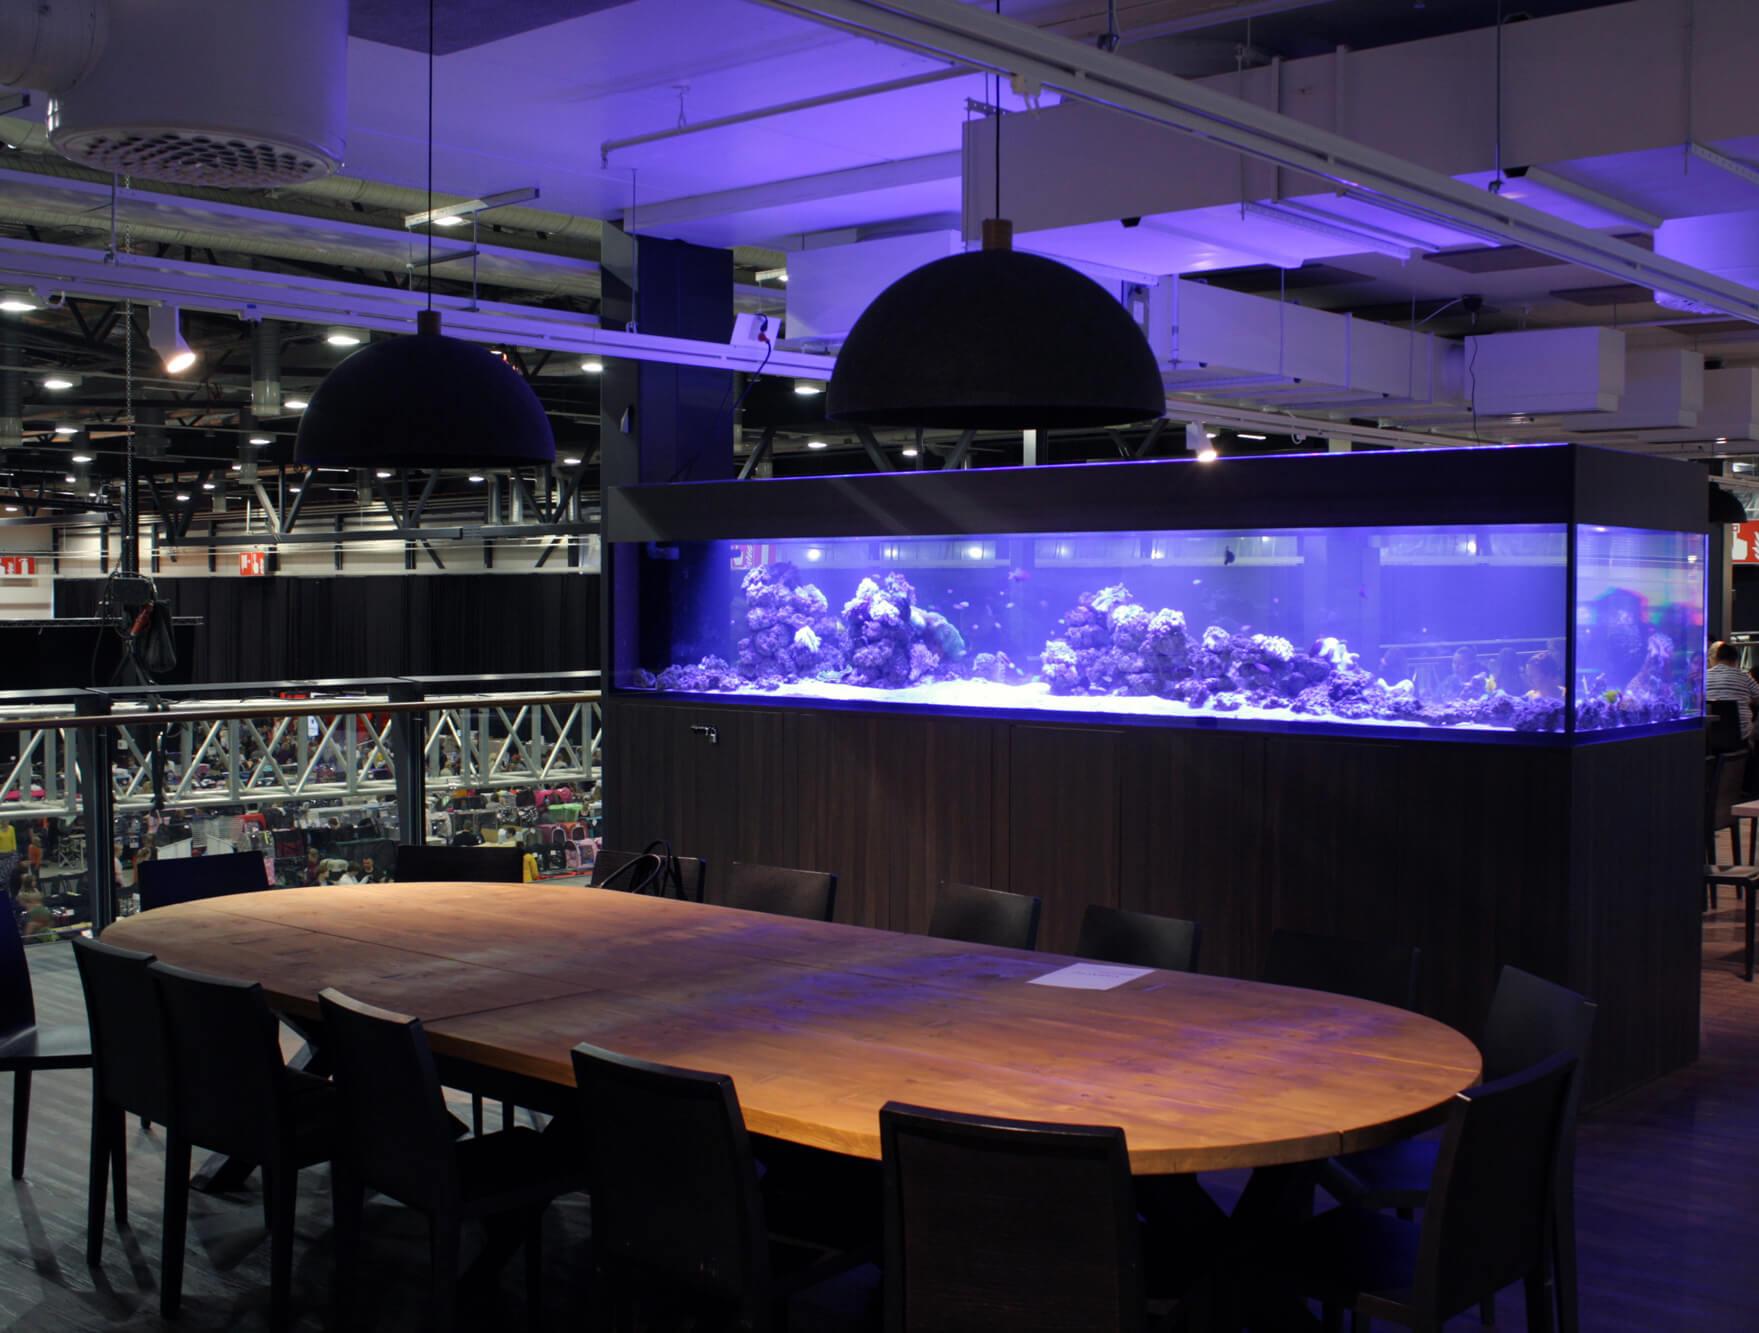 Siniriutta merivesiakvaario ravintola Barcelona